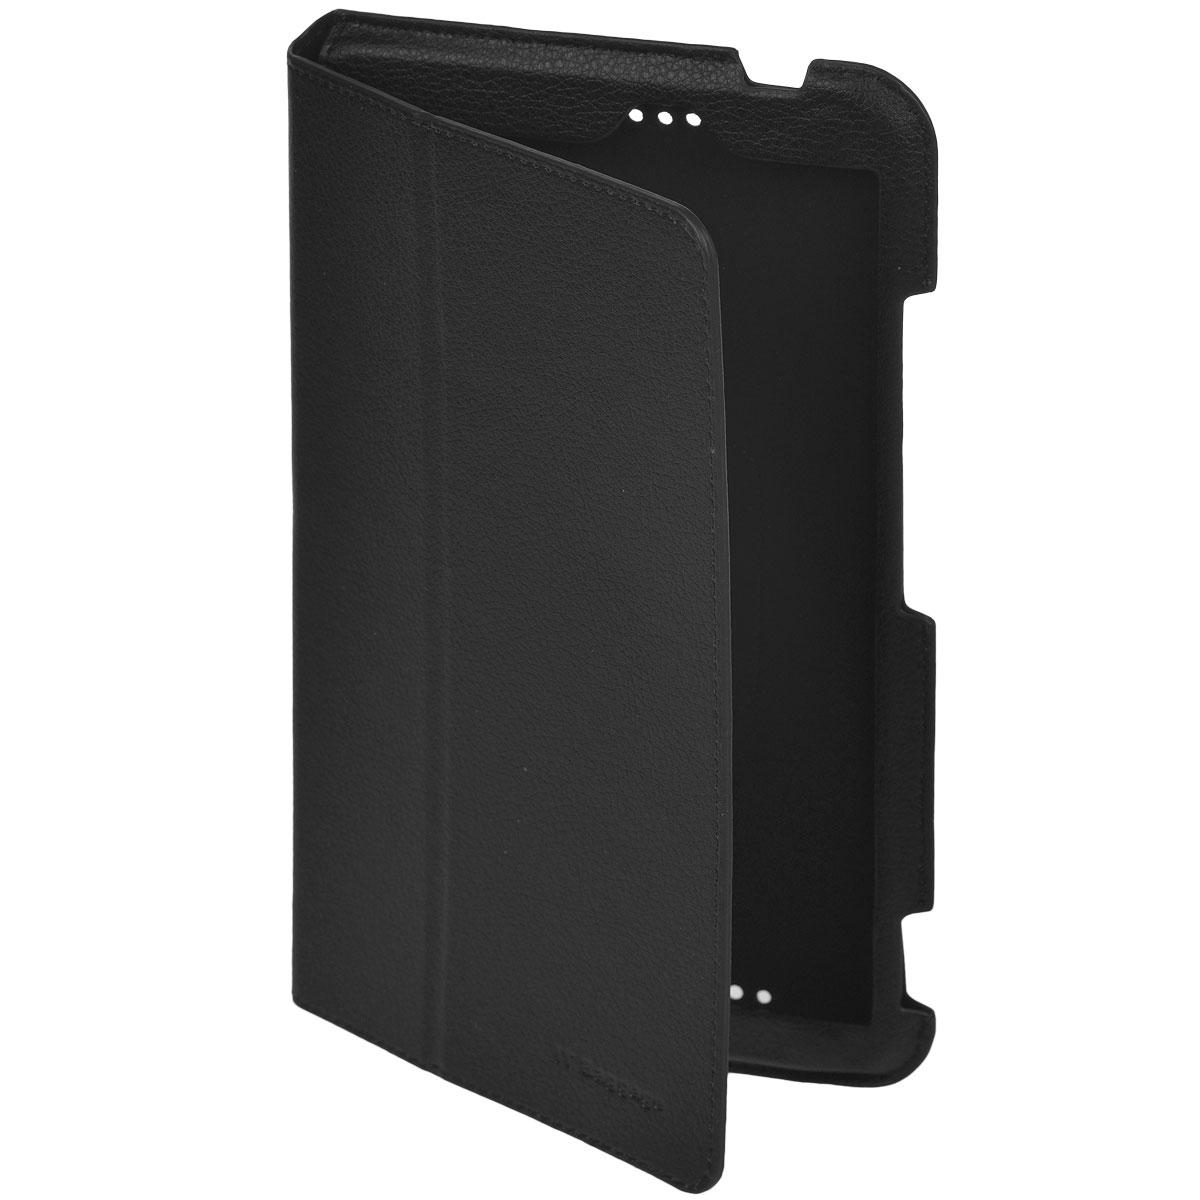 IT Baggage чехол с функцией стенд для Asus MeMO Pad 8 ME 581C/CL, BlueITASME581-1Чехол IT Baggage для Asus MeMO Pad 8 ME 581C/CL - это стильный и лаконичный аксессуар, позволяющий сохранить планшет в идеальном состоянии. Надежно удерживая технику, обложка защищает корпус и дисплей от появления царапин, налипания пыли. Также чехол можно использовать как подставку для чтения или просмотра фильмов. Имеет свободный доступ ко всем разъемам устройства.